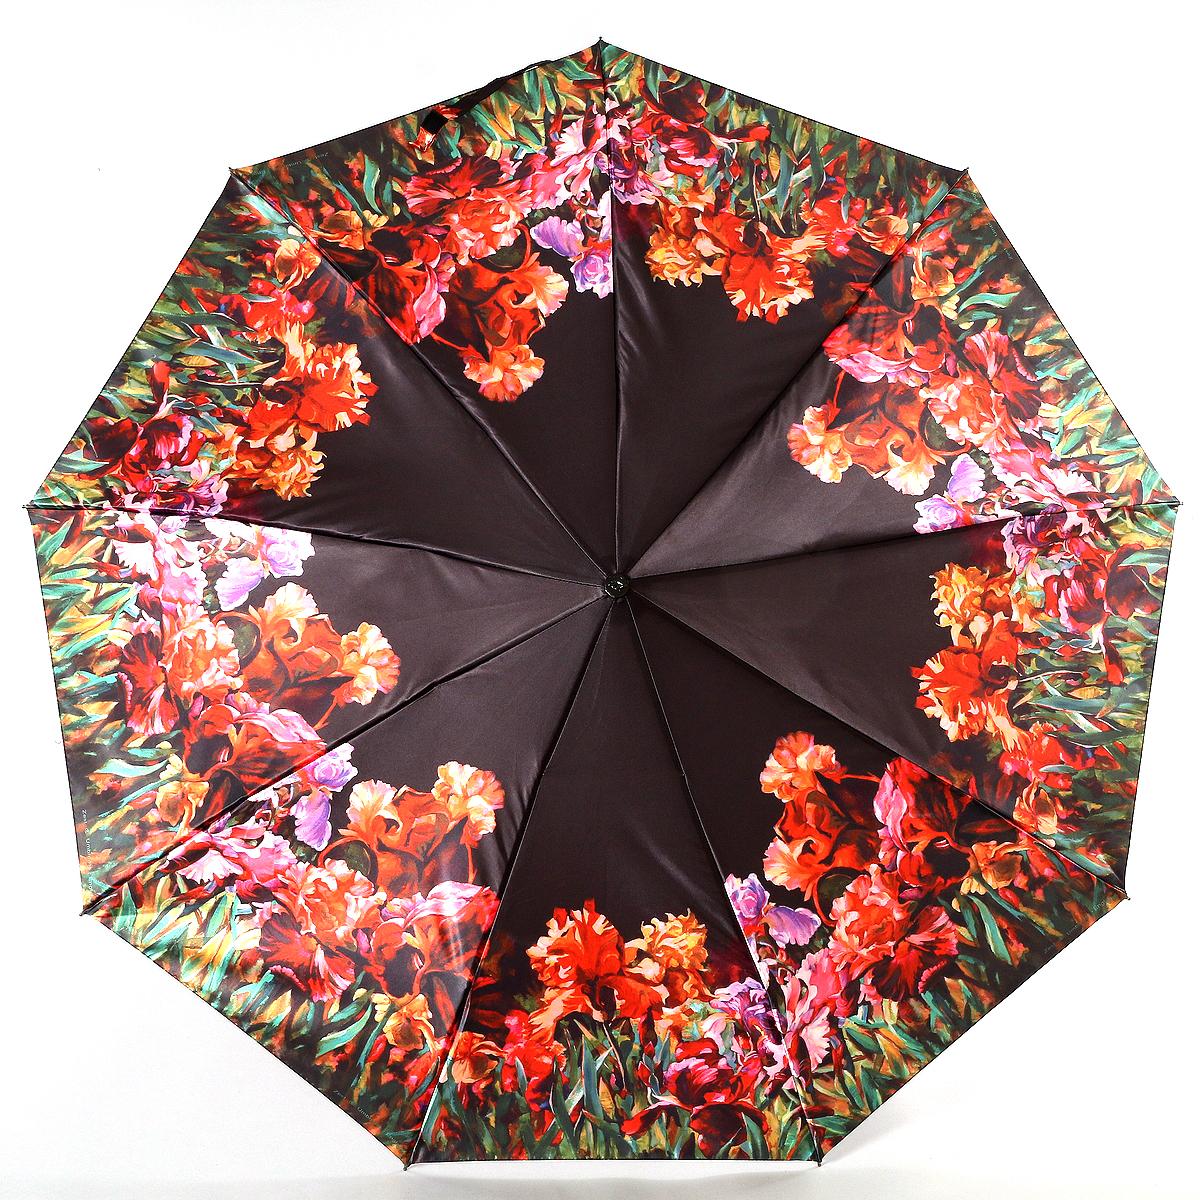 Зонт женский Zest, цвет: сиреневый, черный, красный. 23944-298723944-2987Сатиновый женский зонт в 3 сложения. Модель зонта выполнена в механизме - полный автомат, оснащена системой Антиветер, которая позволяет спицам при порывах ветра выгибаться наизнанку, и при этом не ломаться. Удобная ручка выполнена из пластика. Данный аксессуар особенно хорош для тех, кто привык к комфорту. Вес зонта 480 грамм.